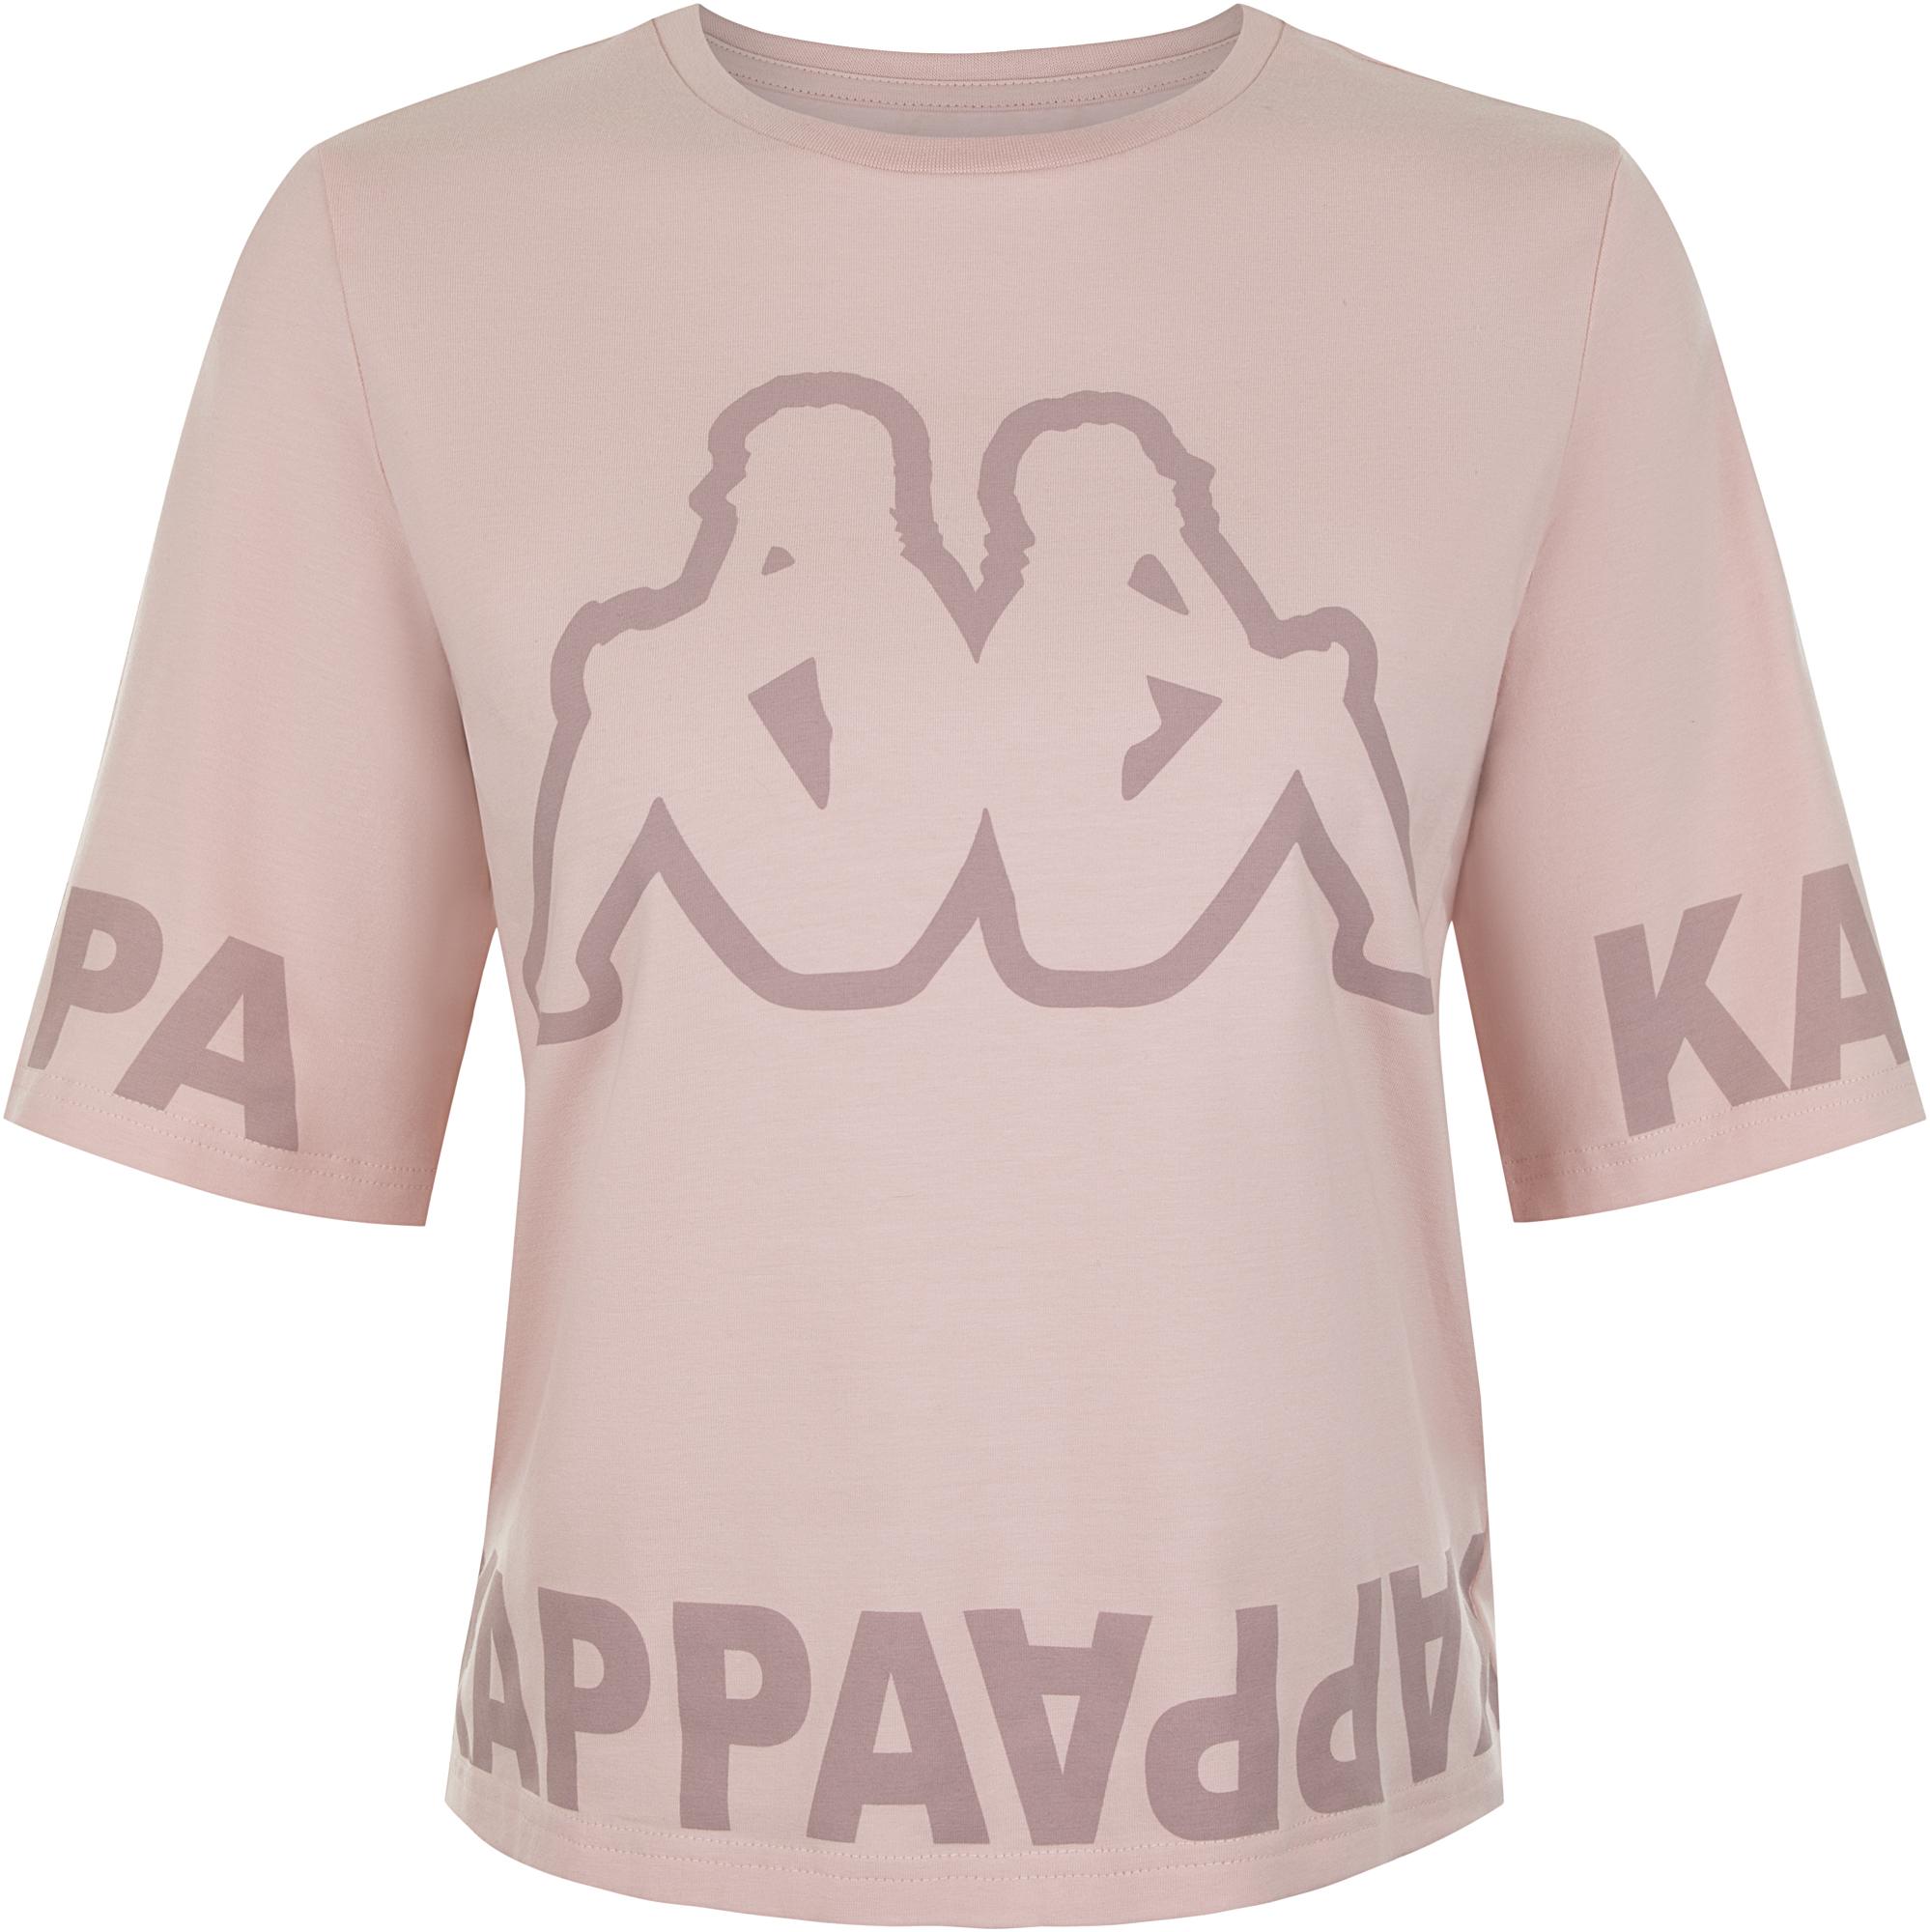 купить Kappa Футболка женская Kappa, размер 48 дешево